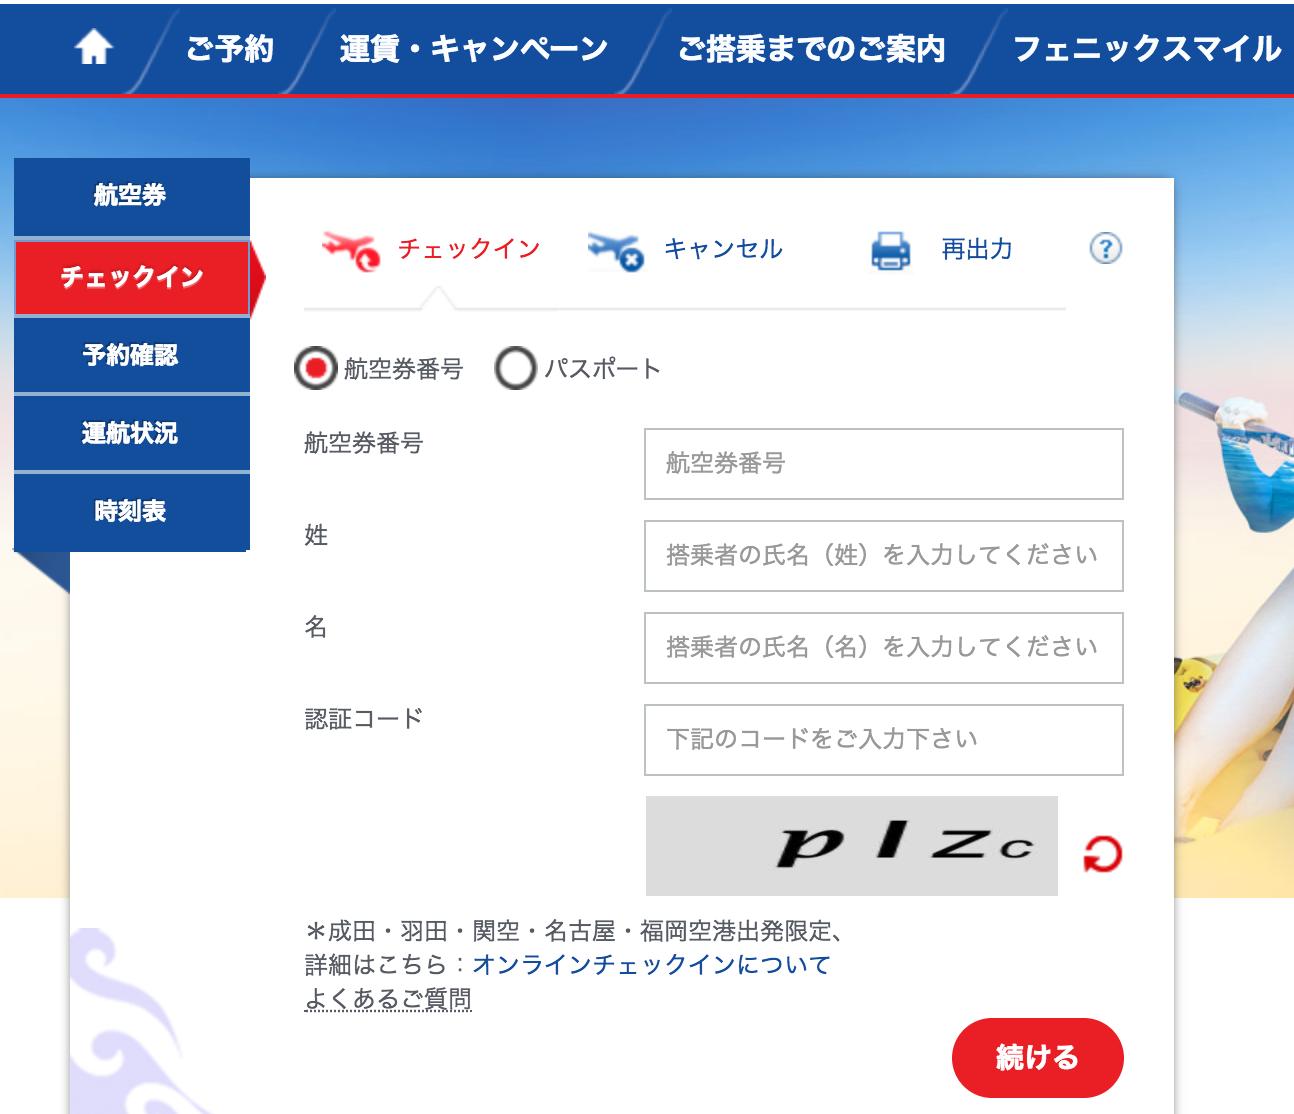 中国国際航空・日本公式サイト-11